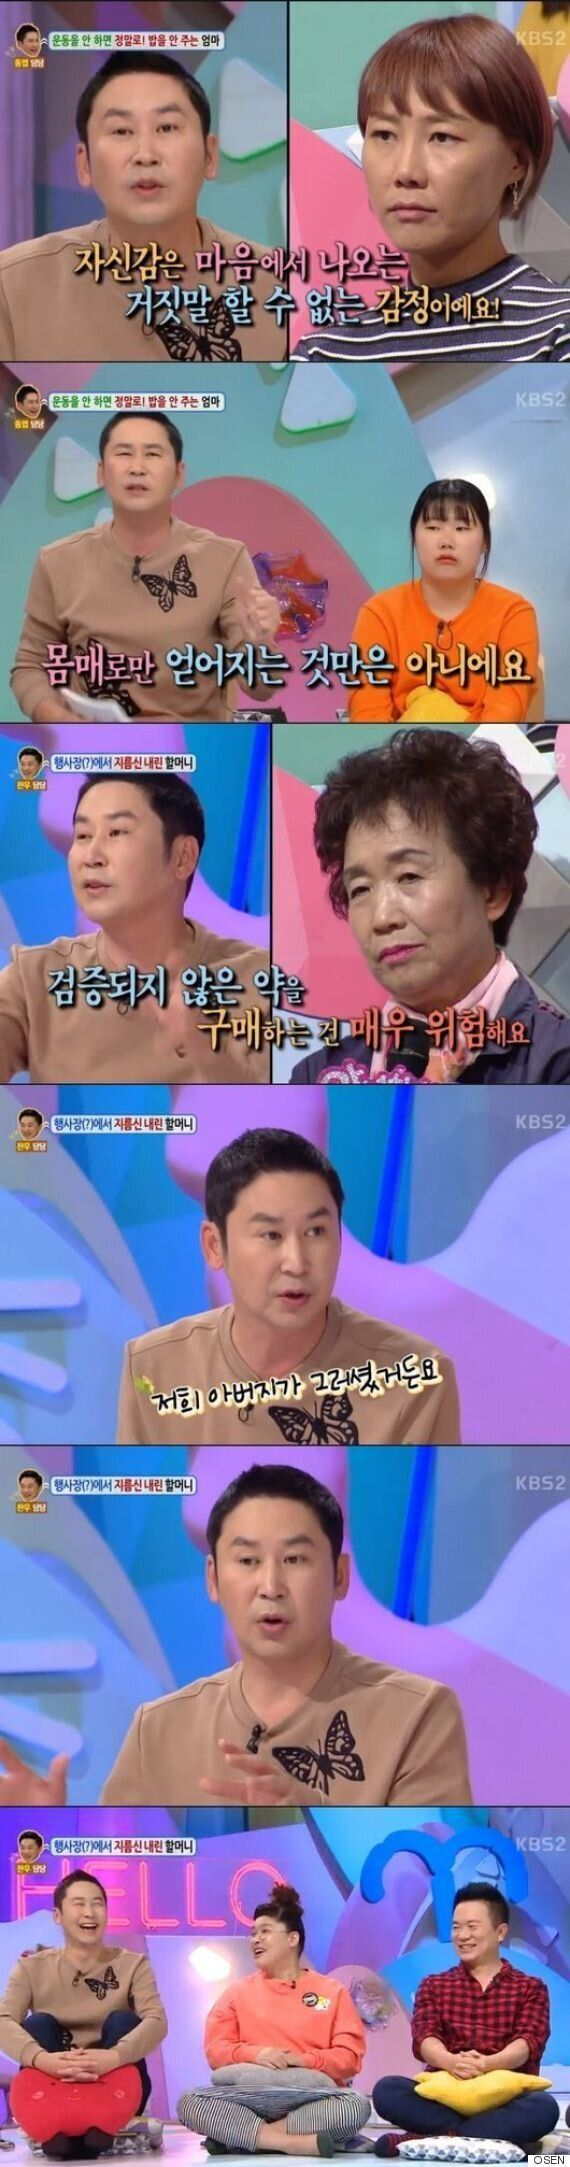 [어저께TV] '안녕' 신동엽, '반박불가' 경험서 나온 사이다